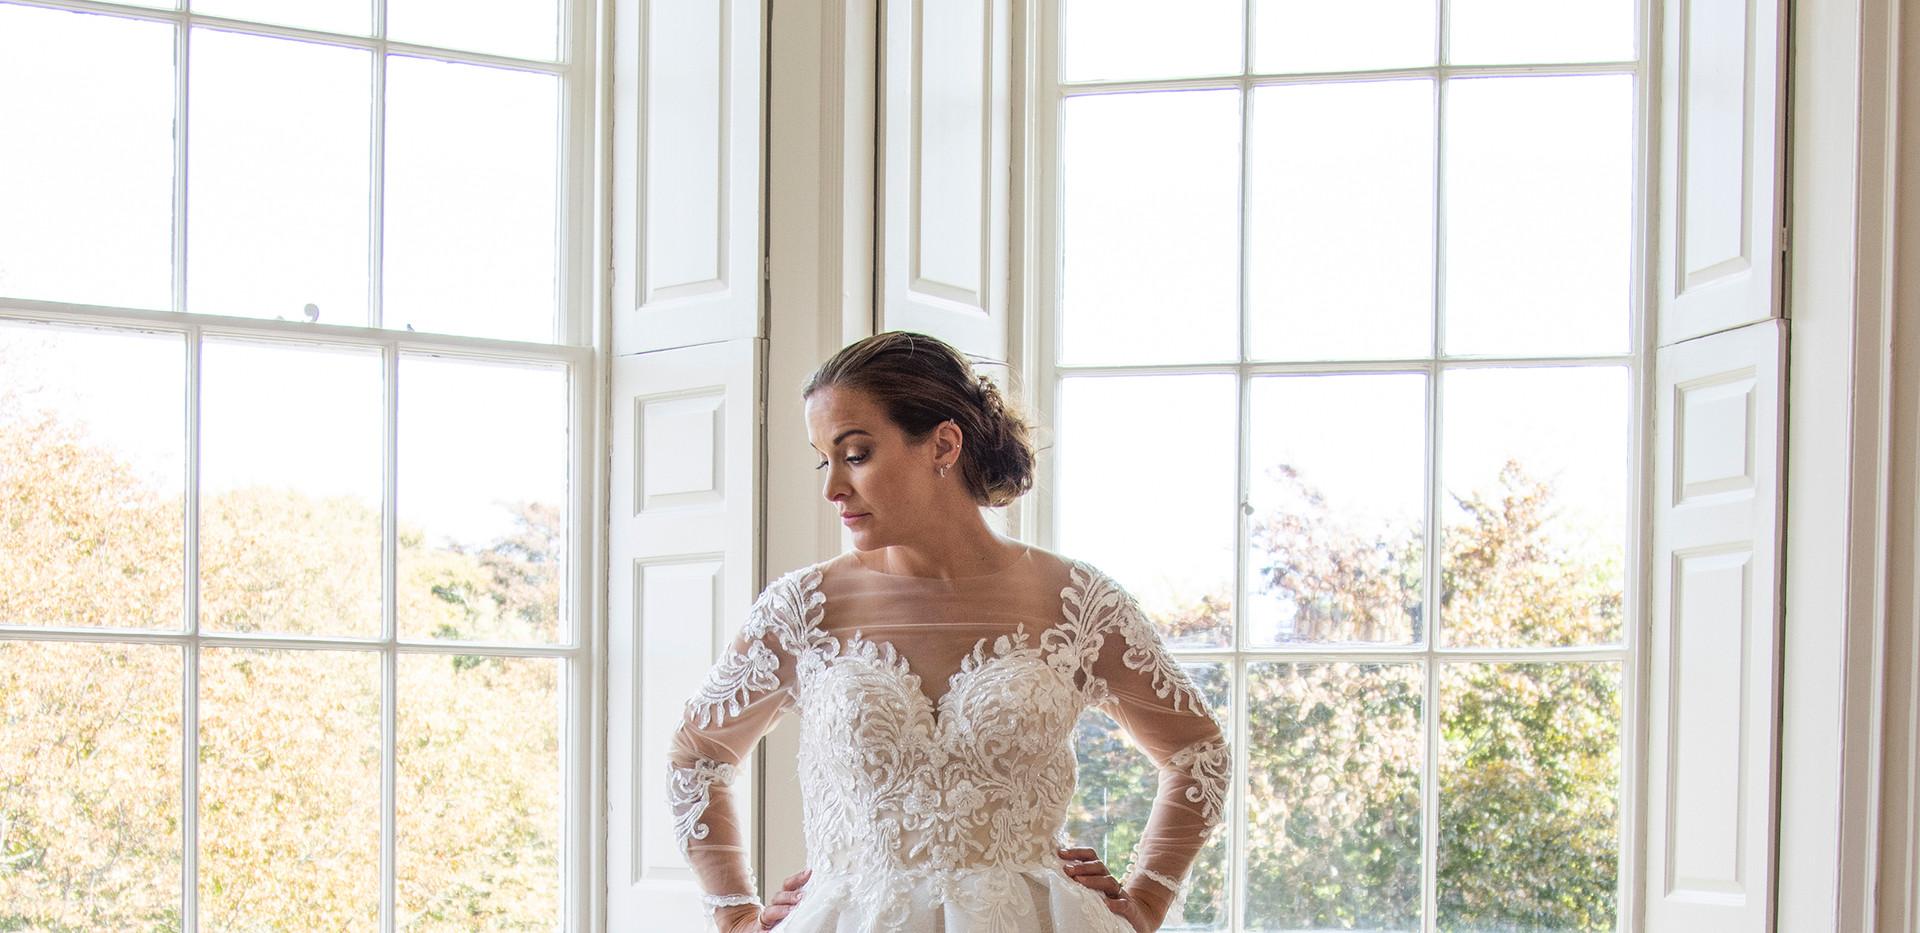 etienne wedding dress